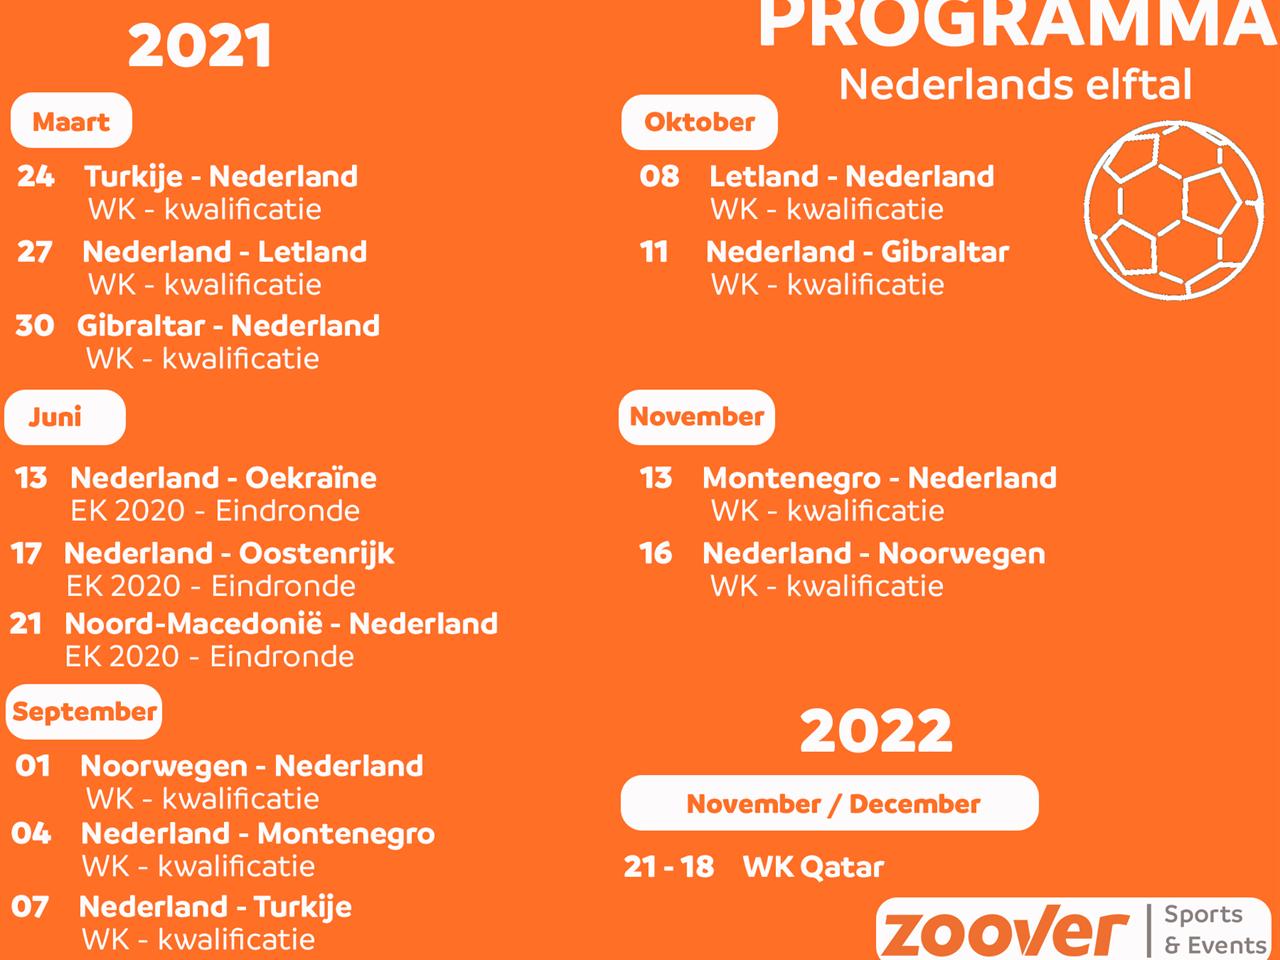 Programma-Nederlands-elftal-Zoover-Sports-Events.png